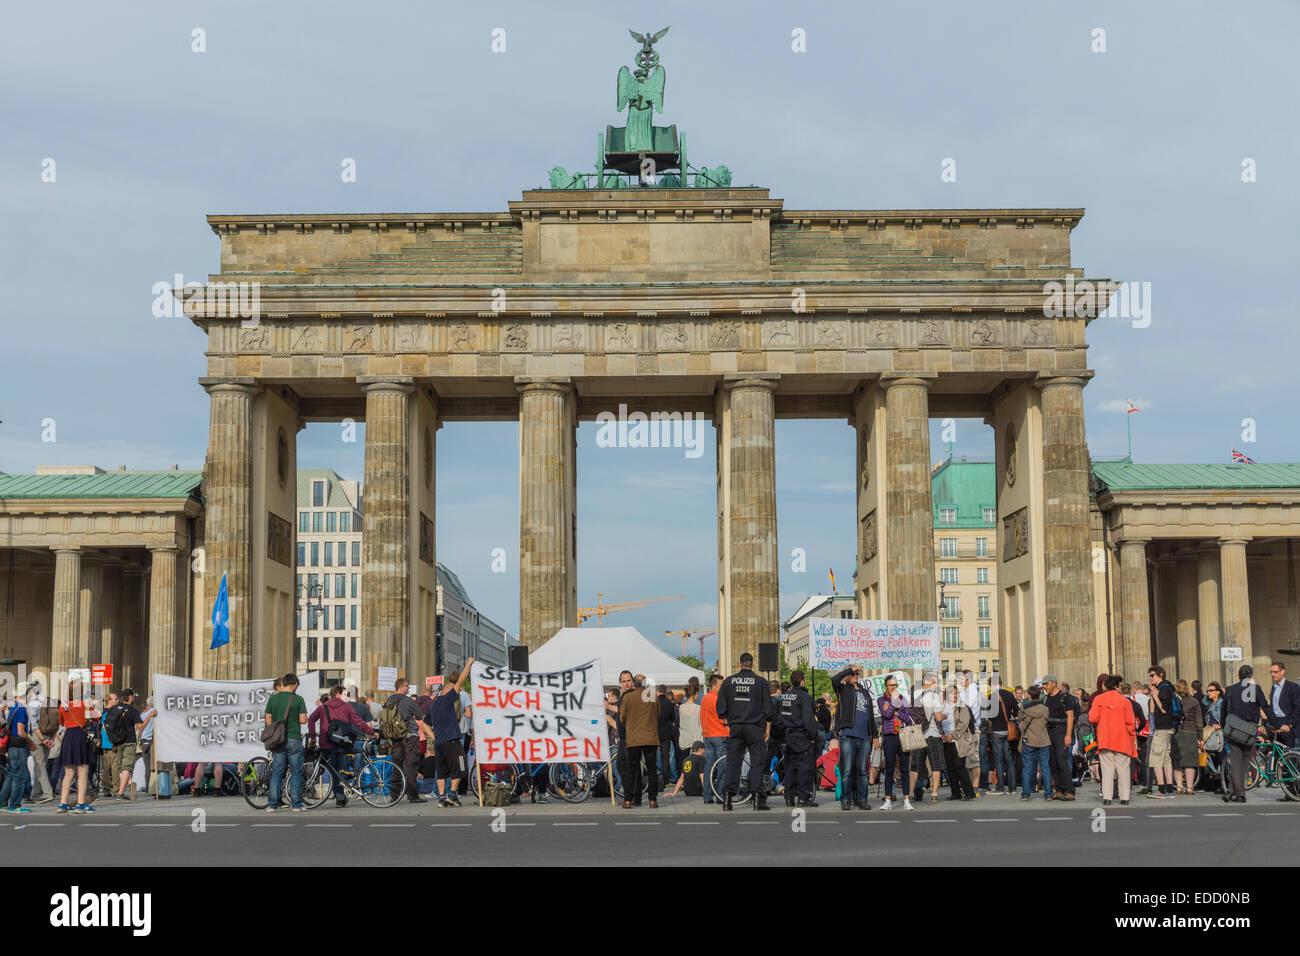 Manifestación antiguerra en la Puerta de Brandeburgo, Berlín, Alemania Imagen De Stock